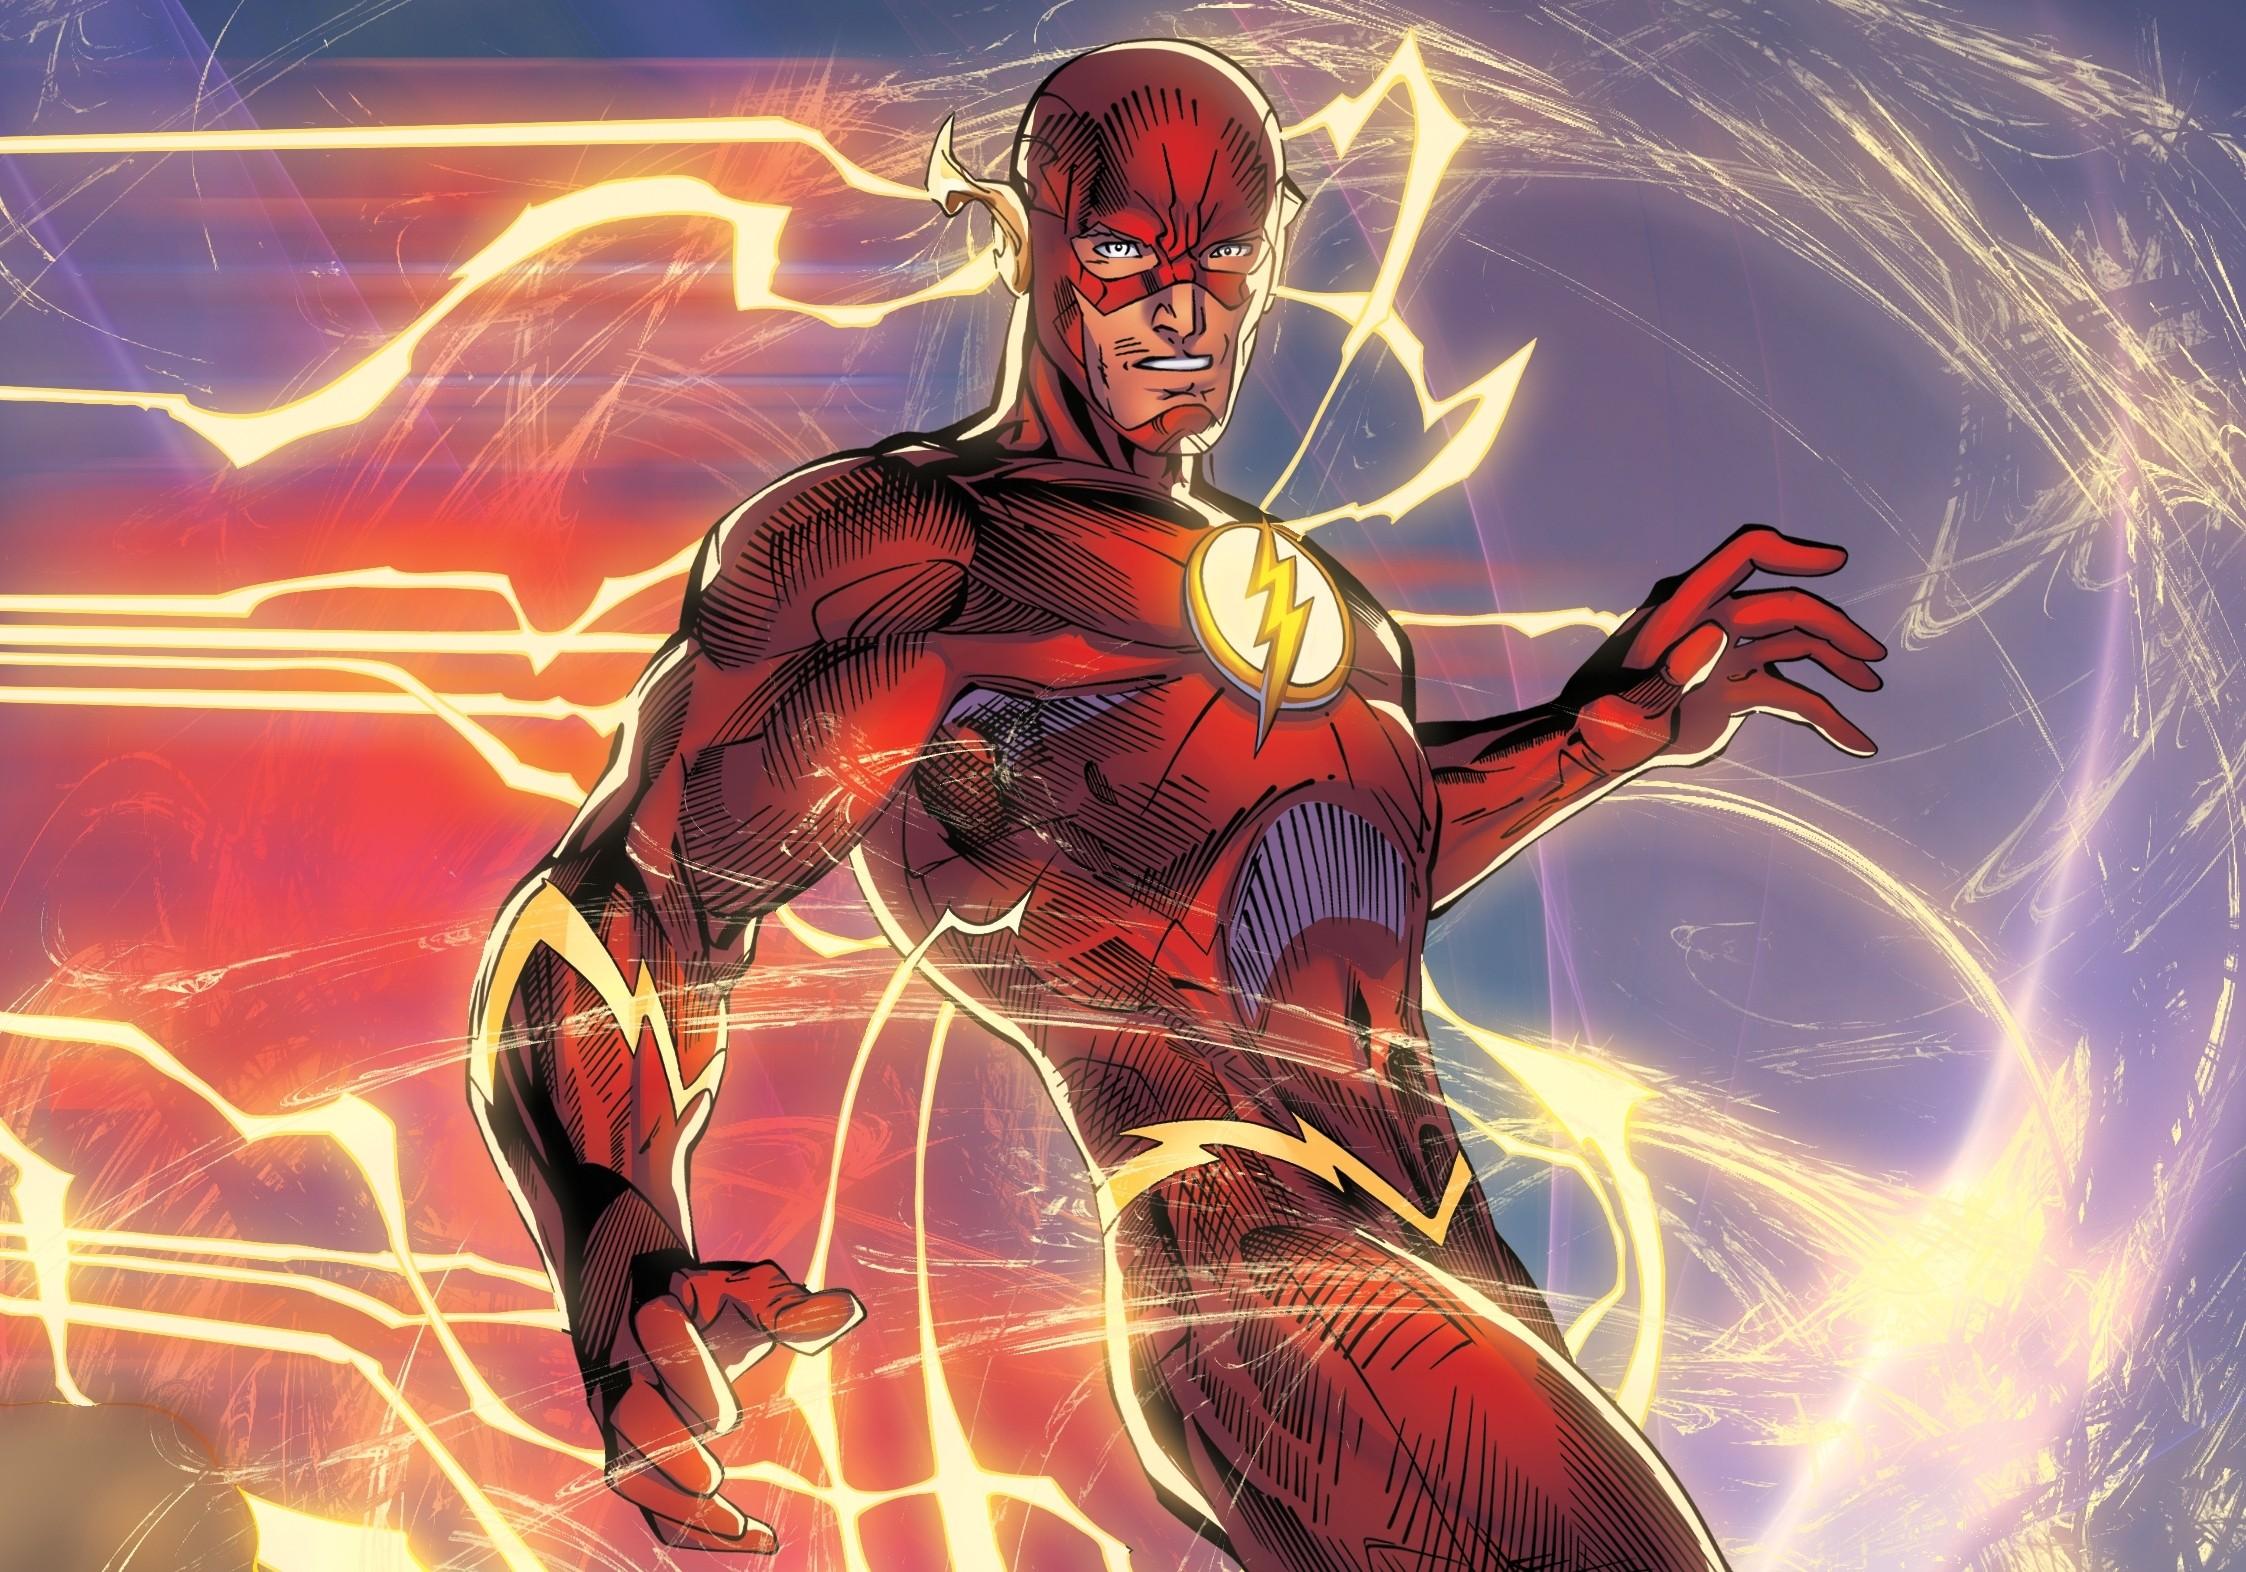 Wallpaper illustration superhero dc comics flash comics screenshot computer wallpaper - Dc characters wallpaper hd ...